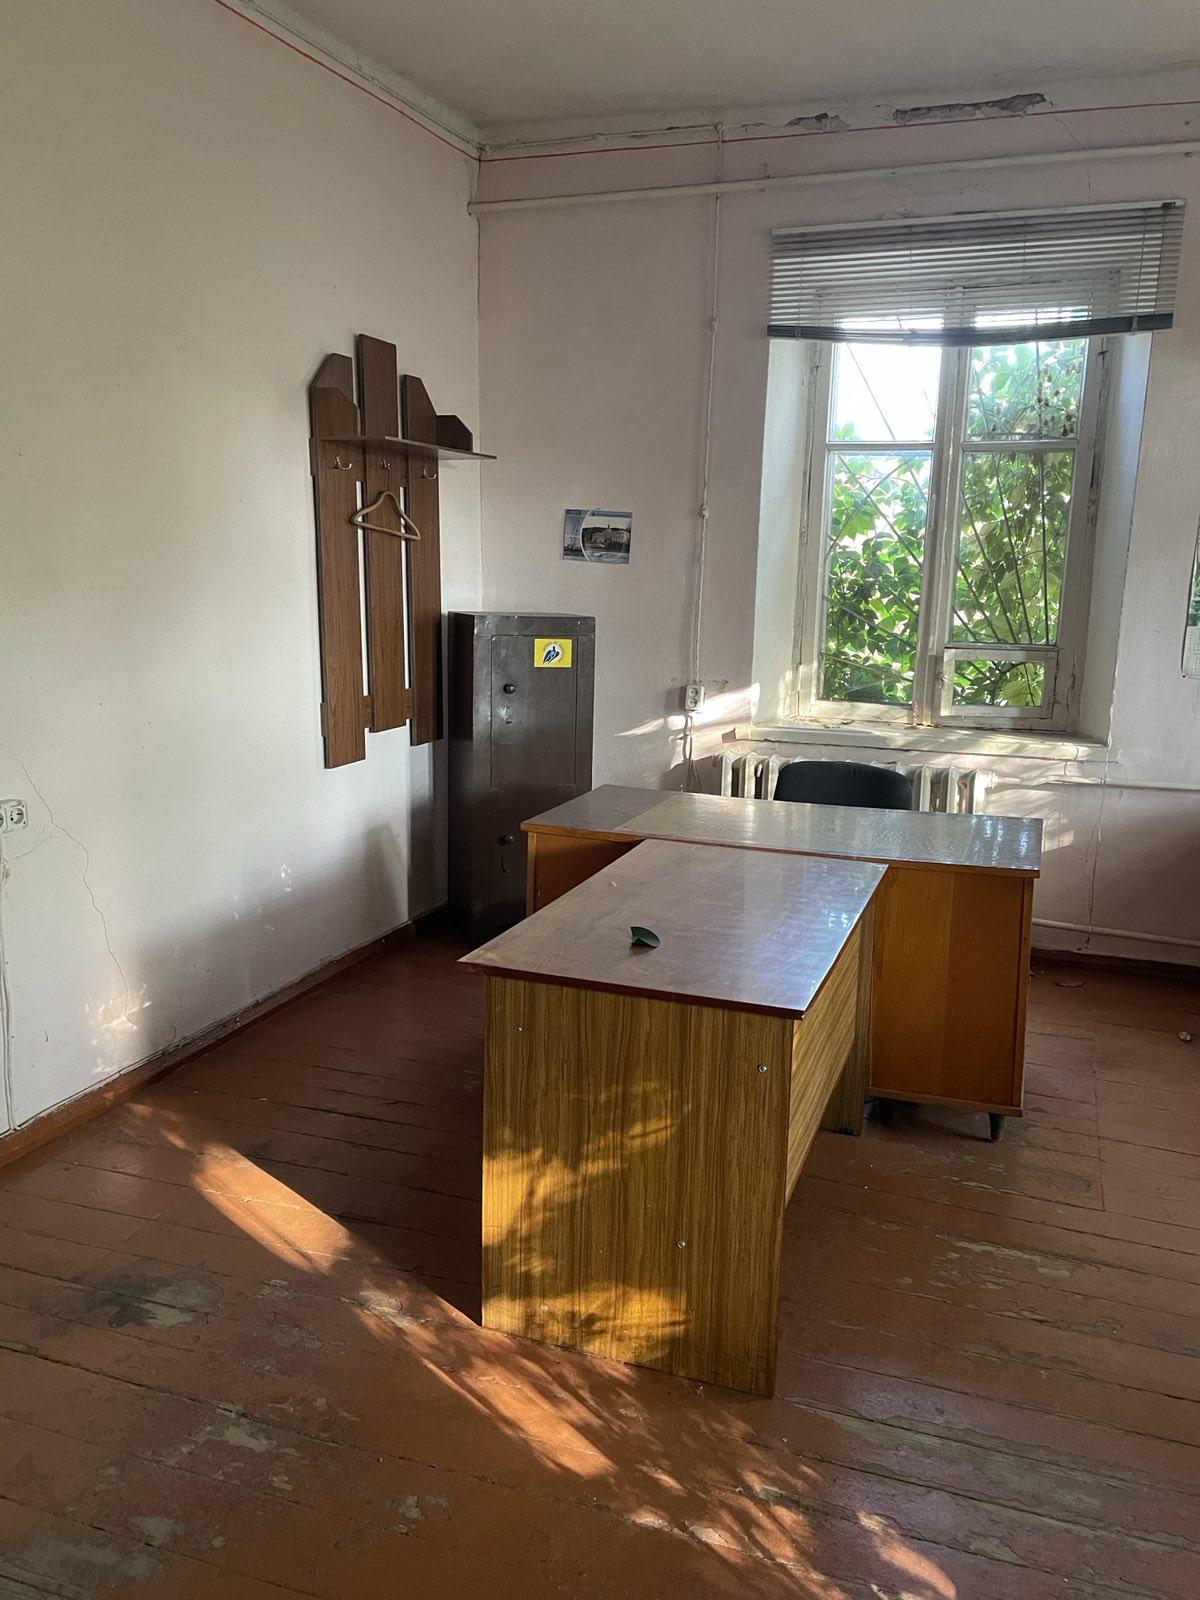 Оренда нежитлового приміщення 22 кв.м. за адресою: м.Вінниця, вул Миколи Оводова, 64